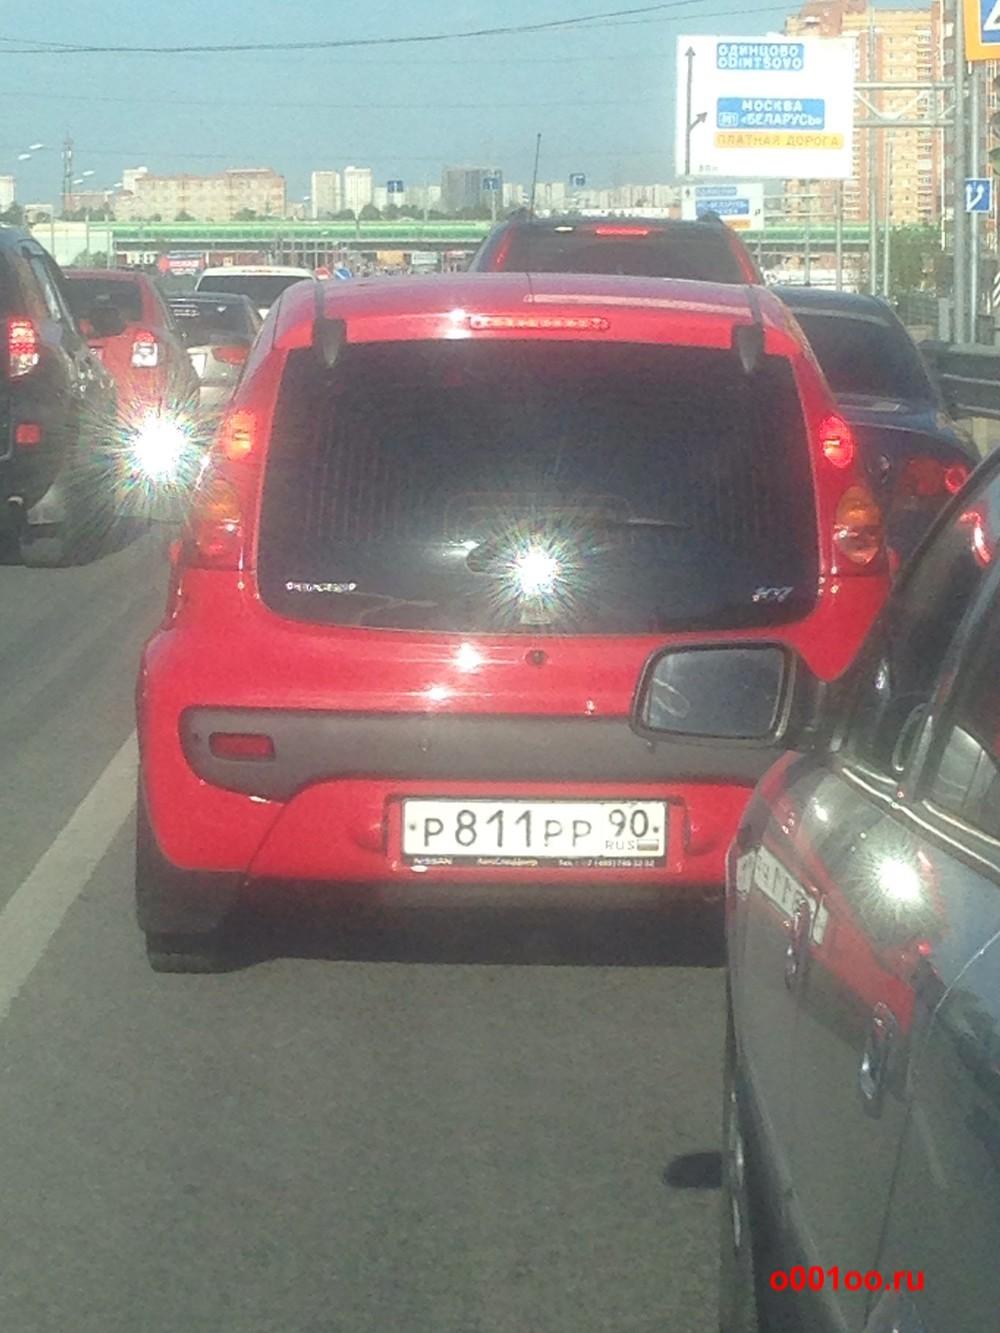 р811рр90